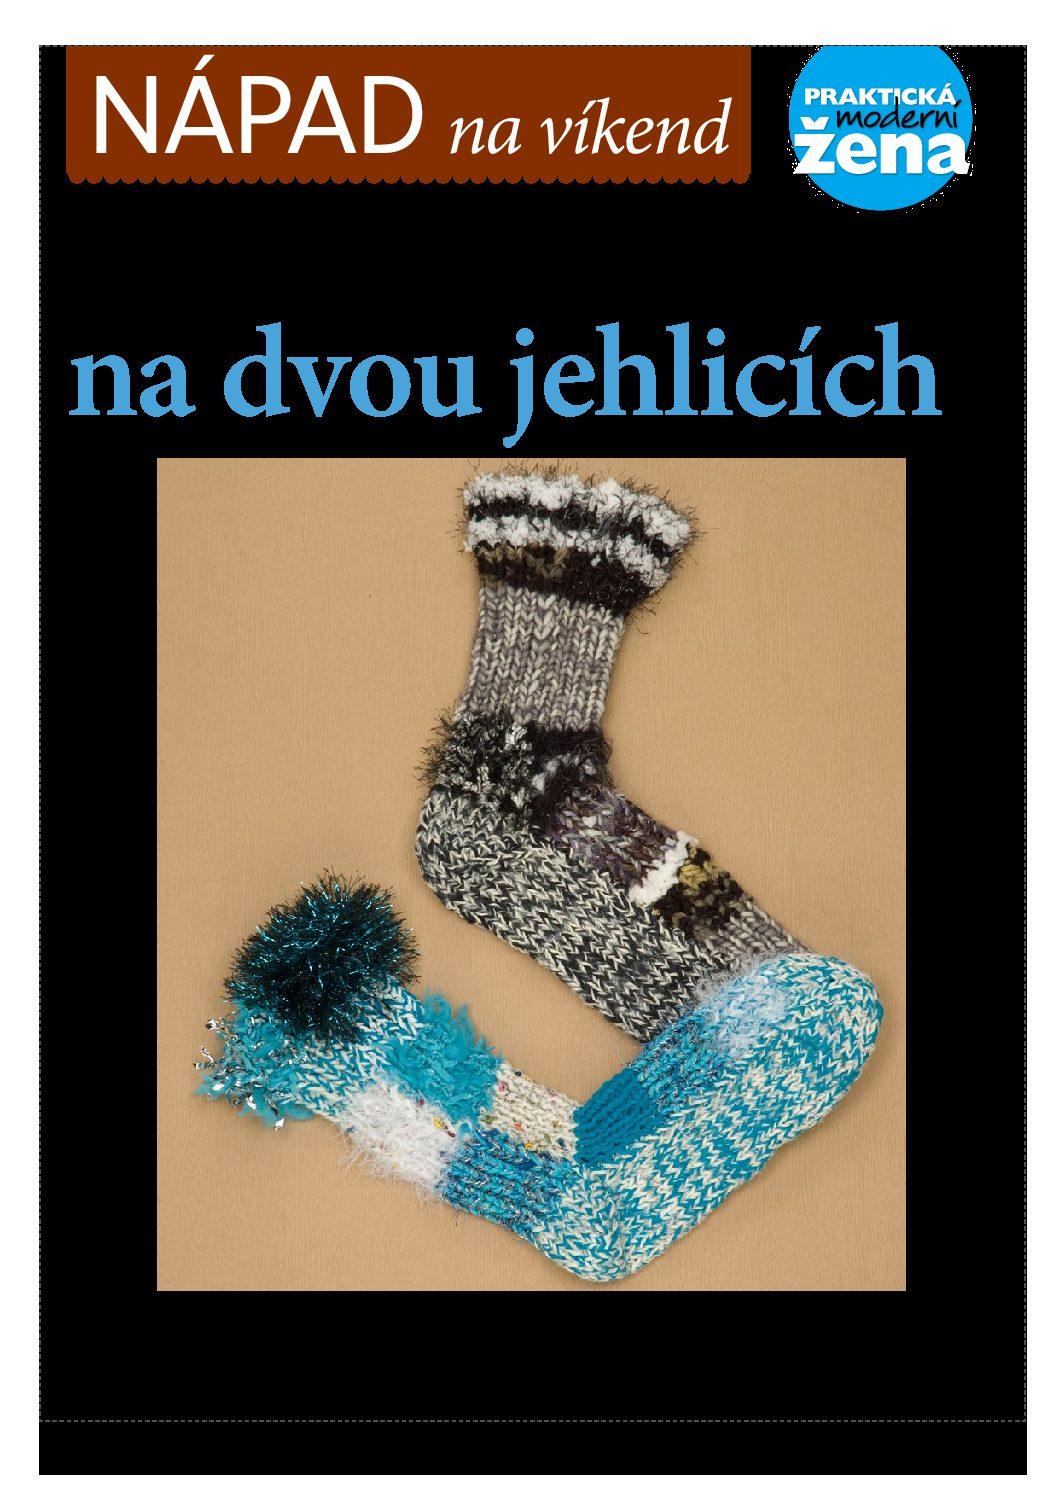 NAPAD na vikend Ponozky na dvou jehlicich pdf